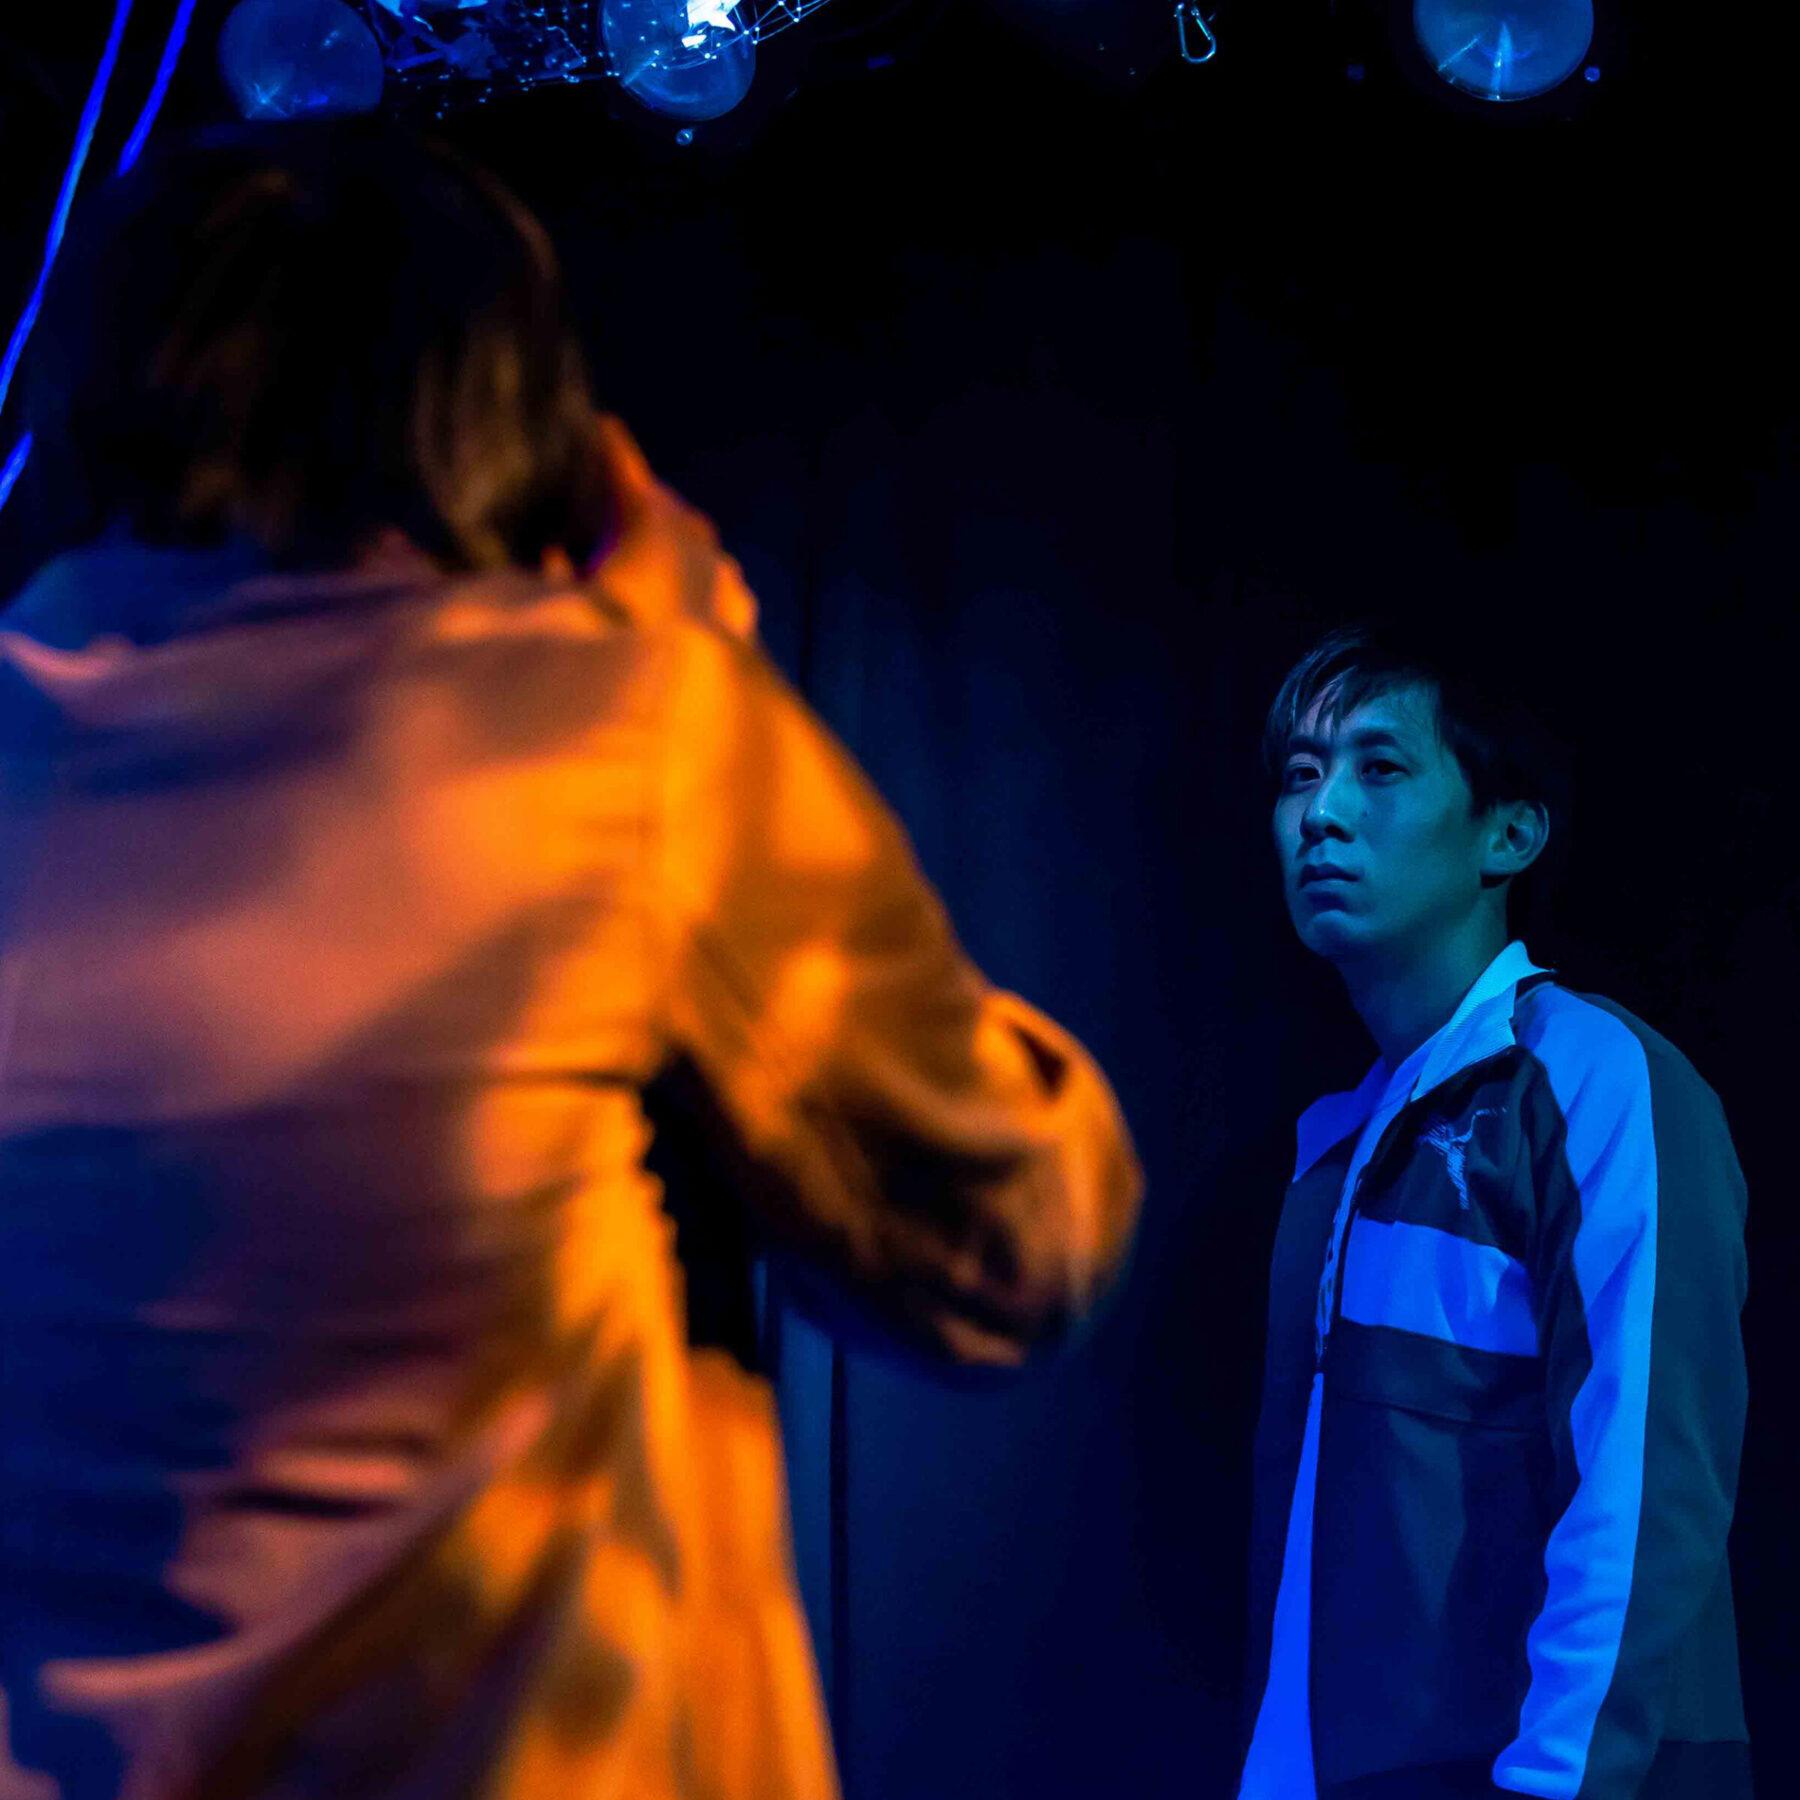 創り手たちの『Real and Fiction』 写真家・吉田亮人 × 劇団・シイナナ 「シカクの森で、二人は」写真展&限定冊子刊行記念イベント